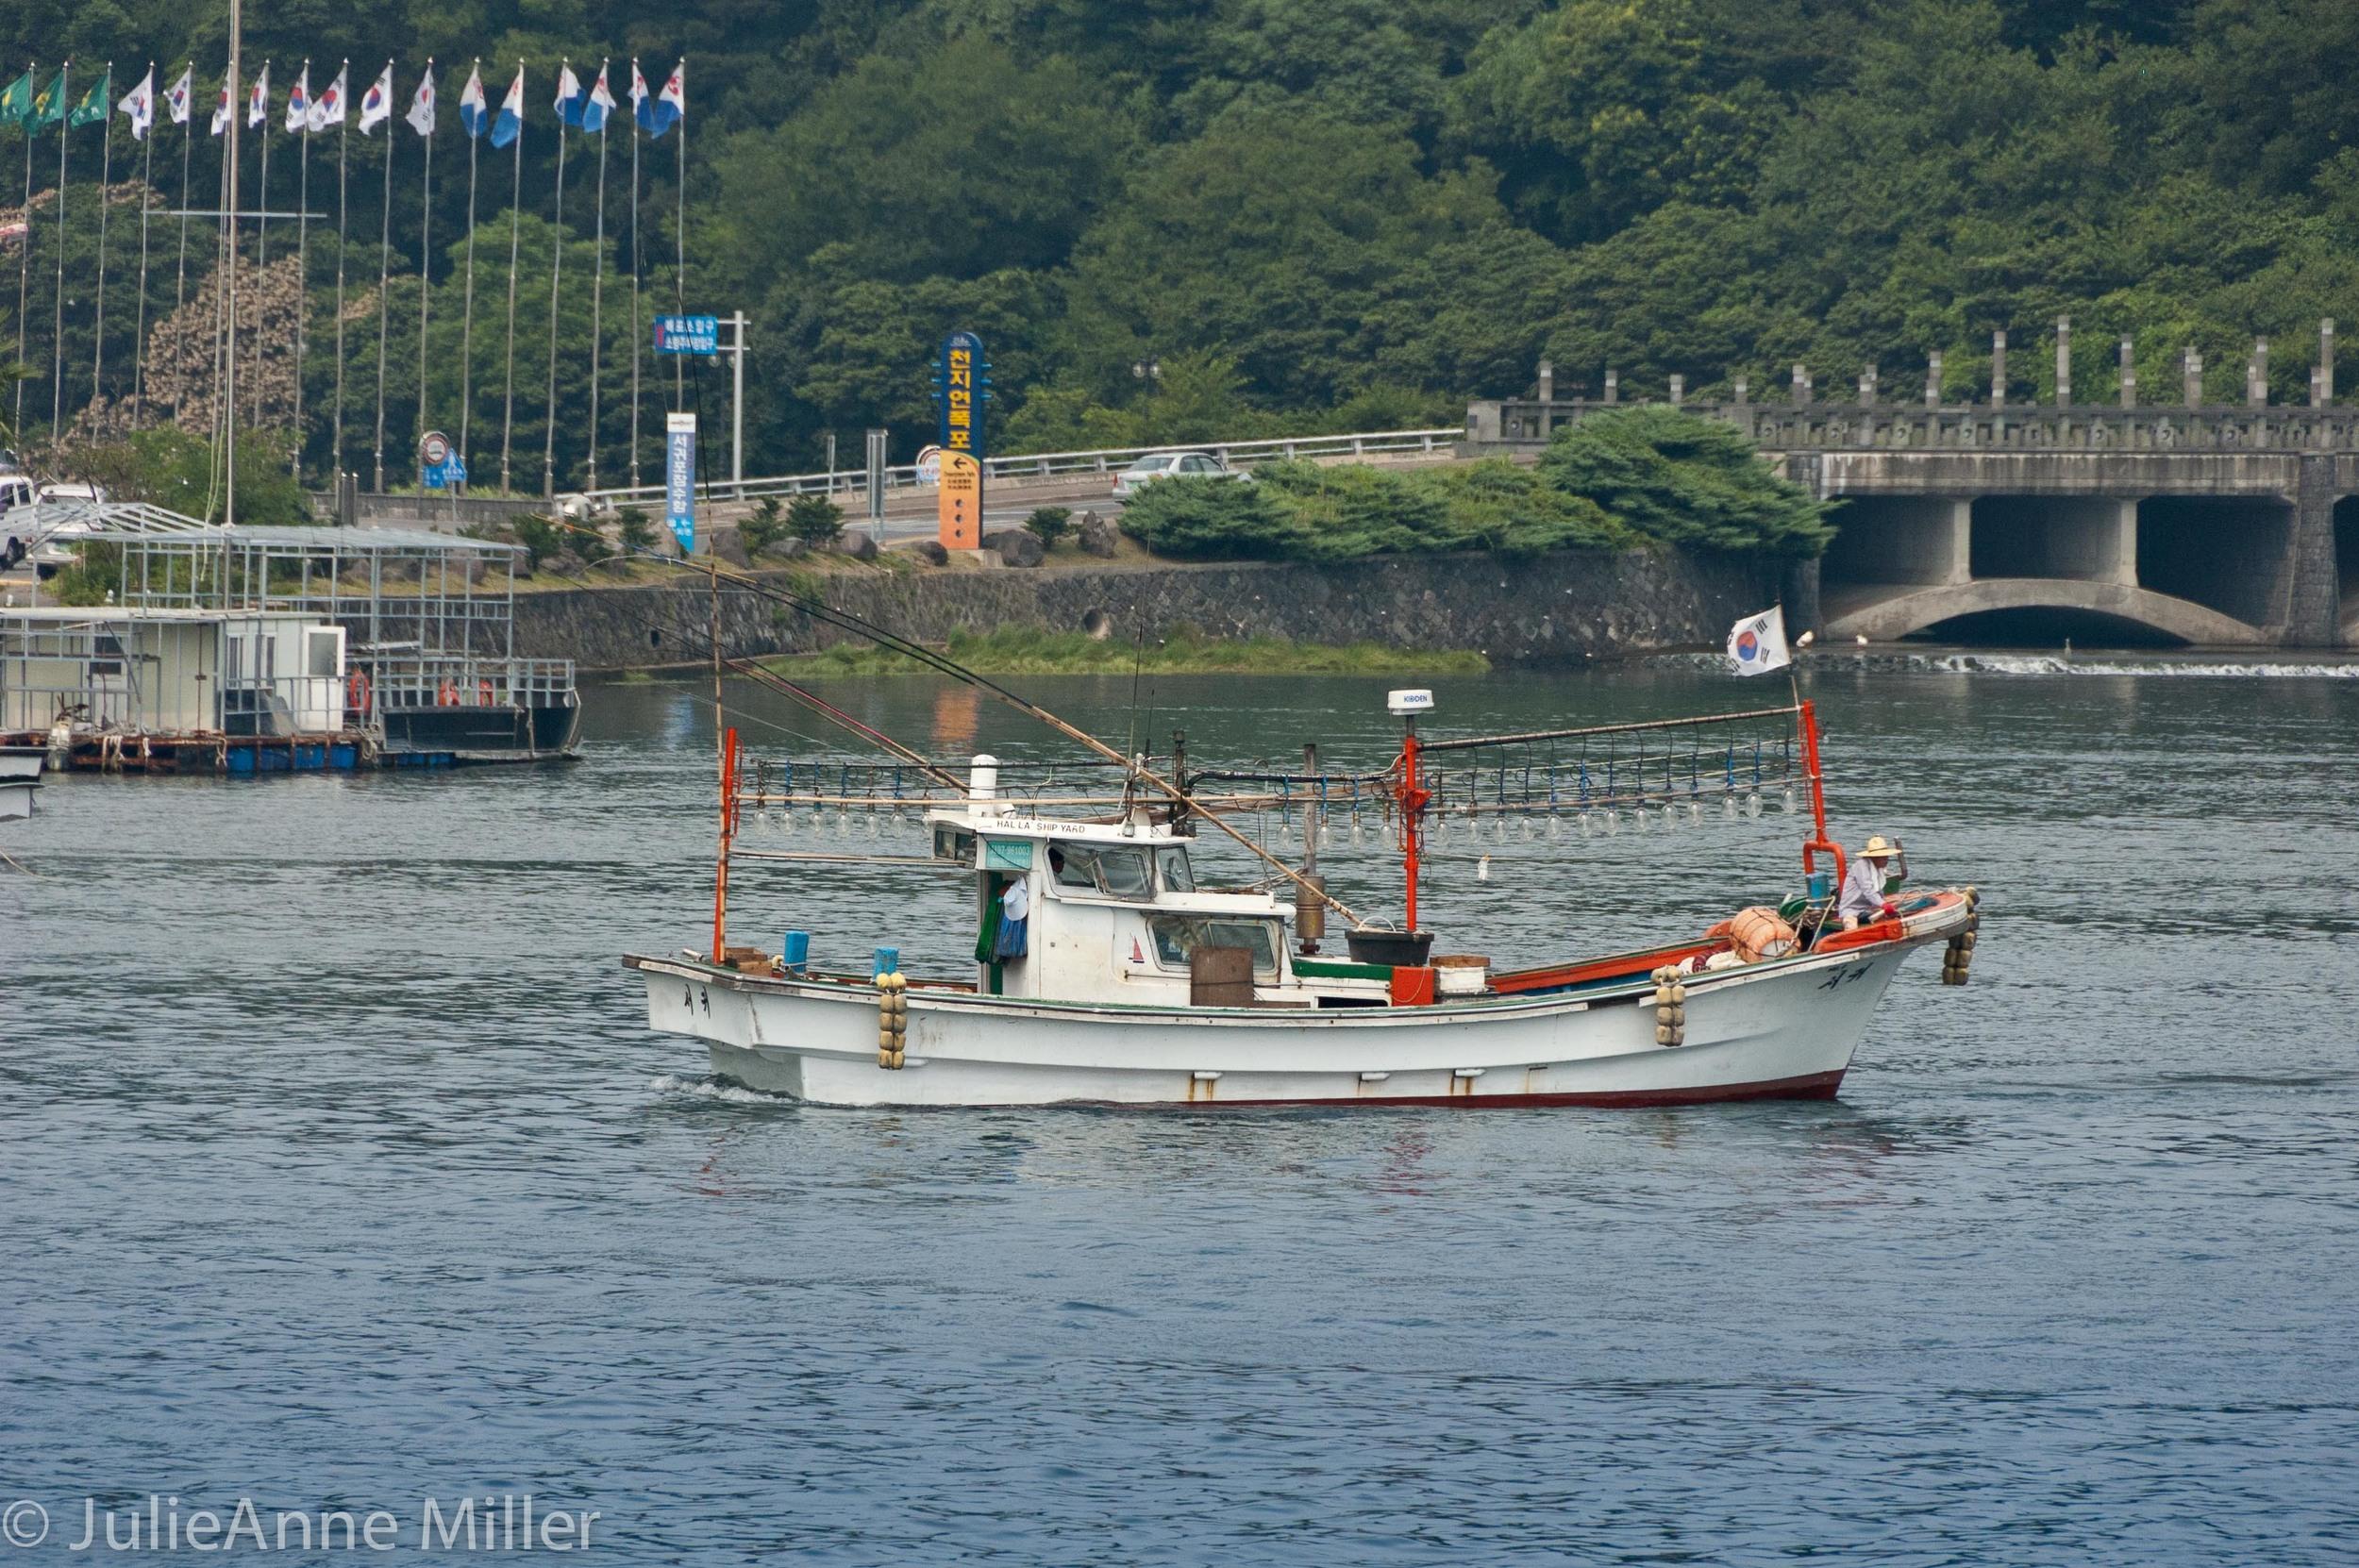 Jeju by boat